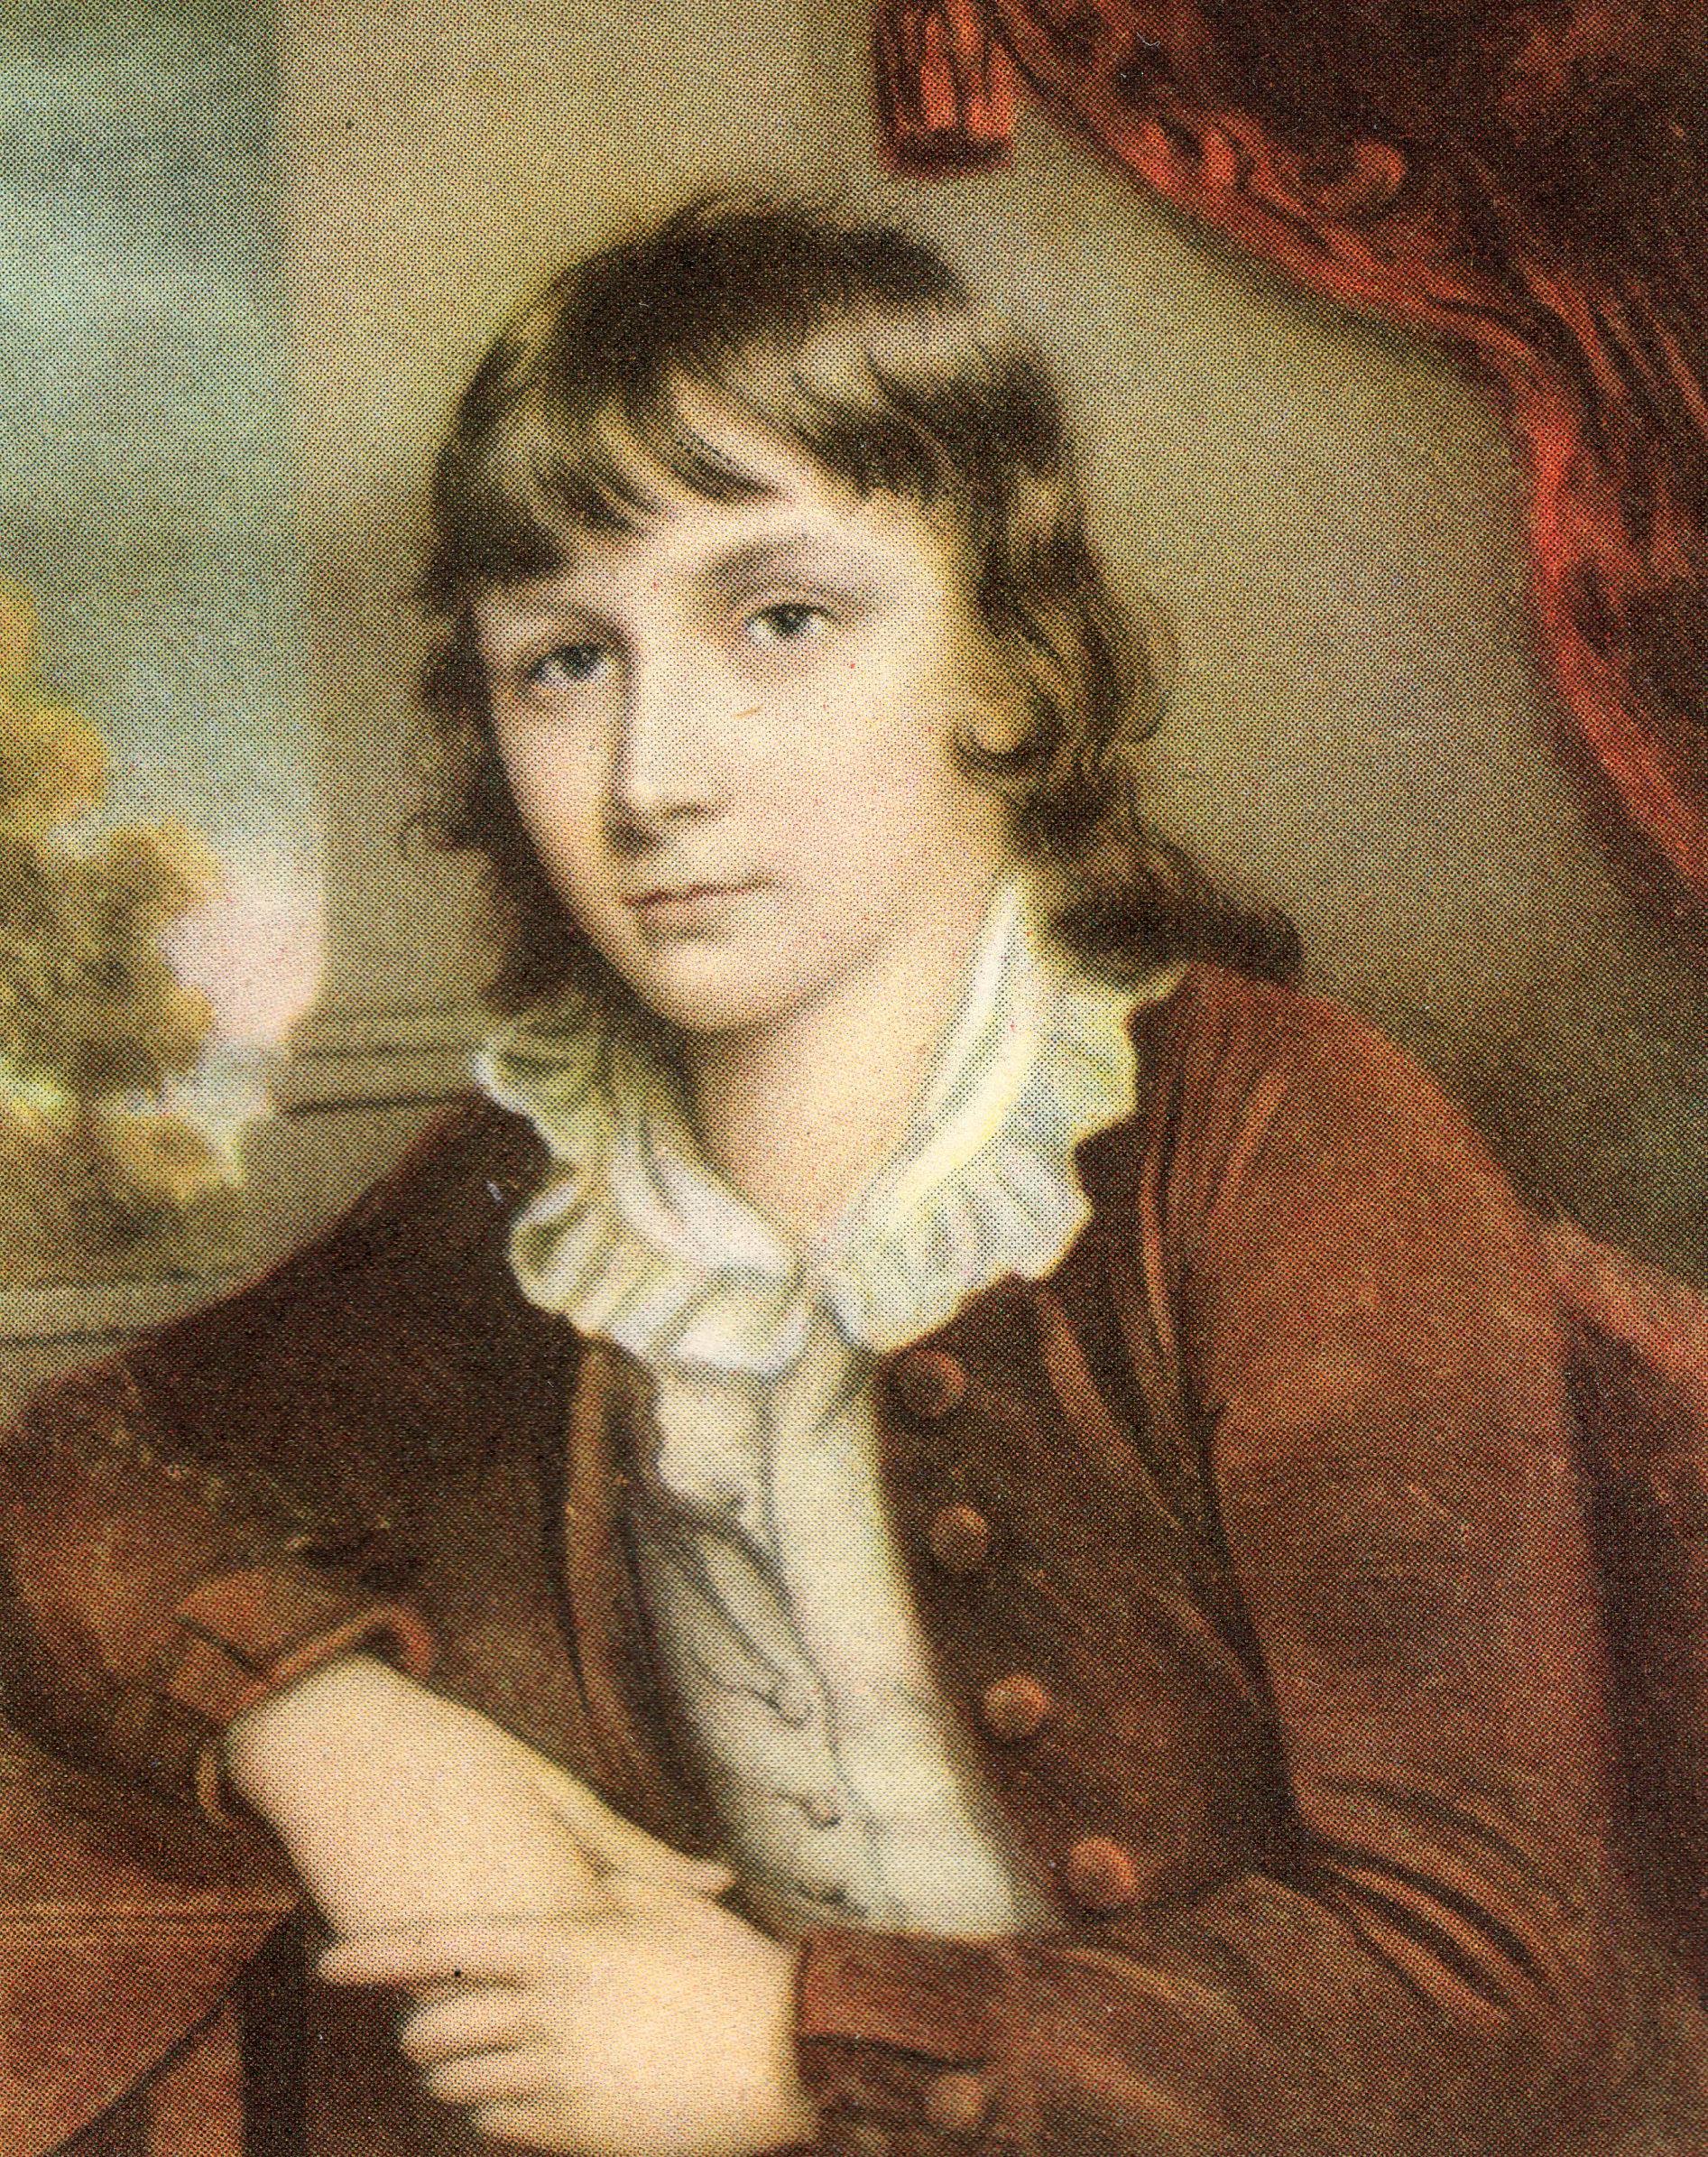 Portrait of Margaret Hazlitt, Sister of - John Hazlitt as